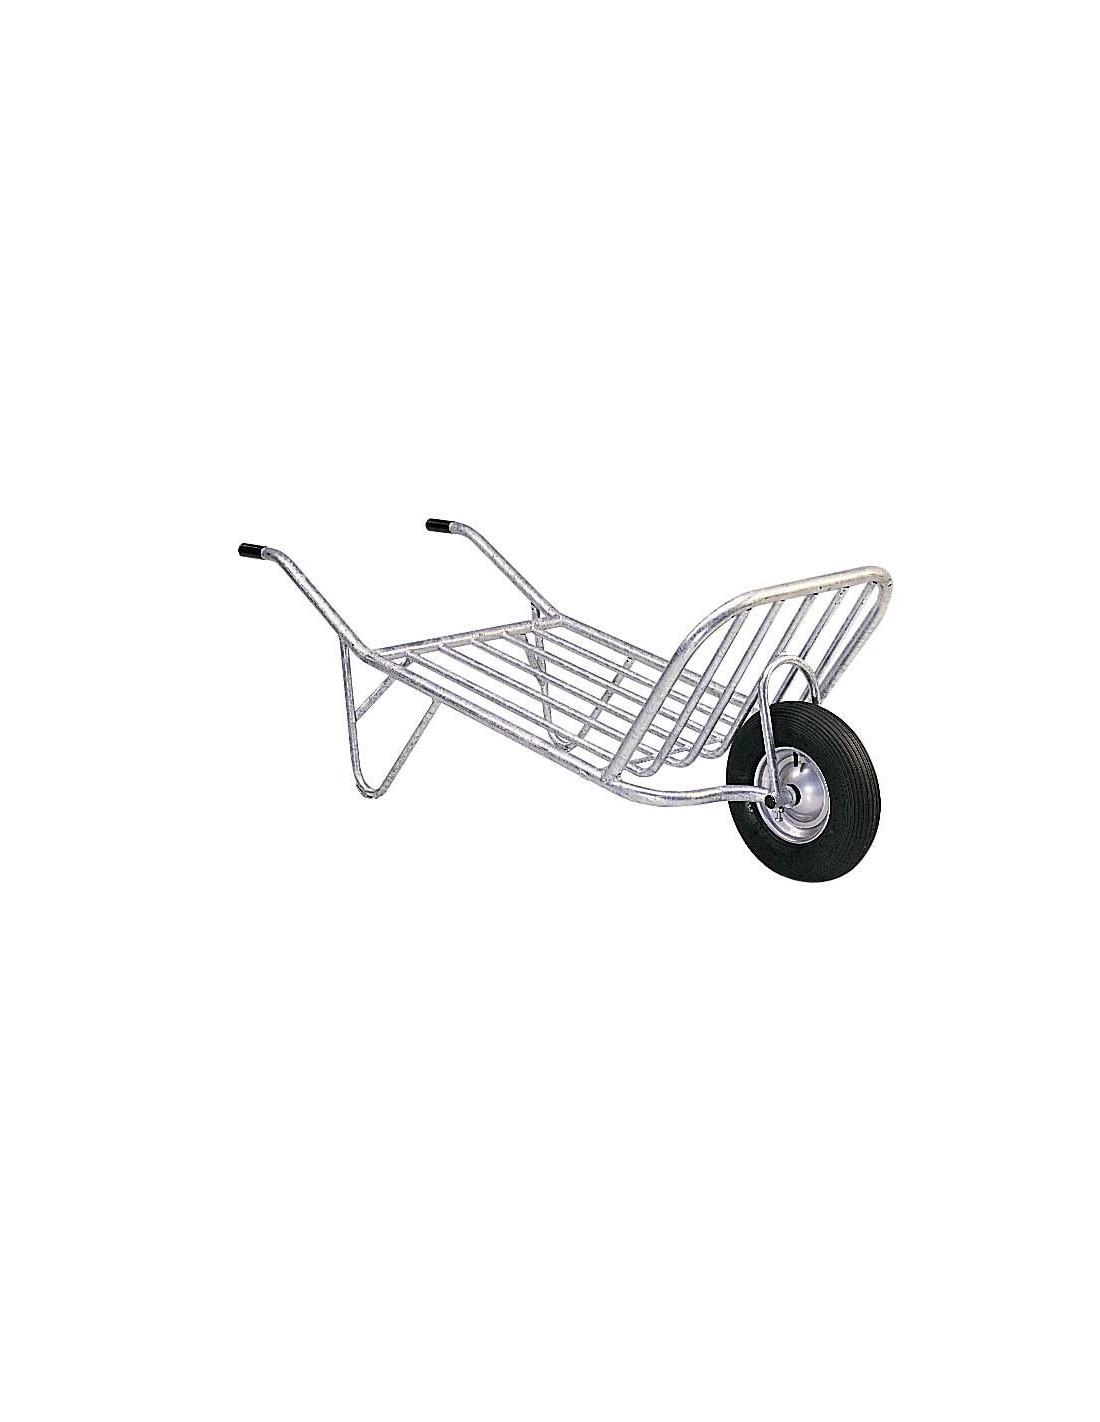 brouette fourrage 1 roue monobloc la g e sylvie forzy equitation. Black Bedroom Furniture Sets. Home Design Ideas